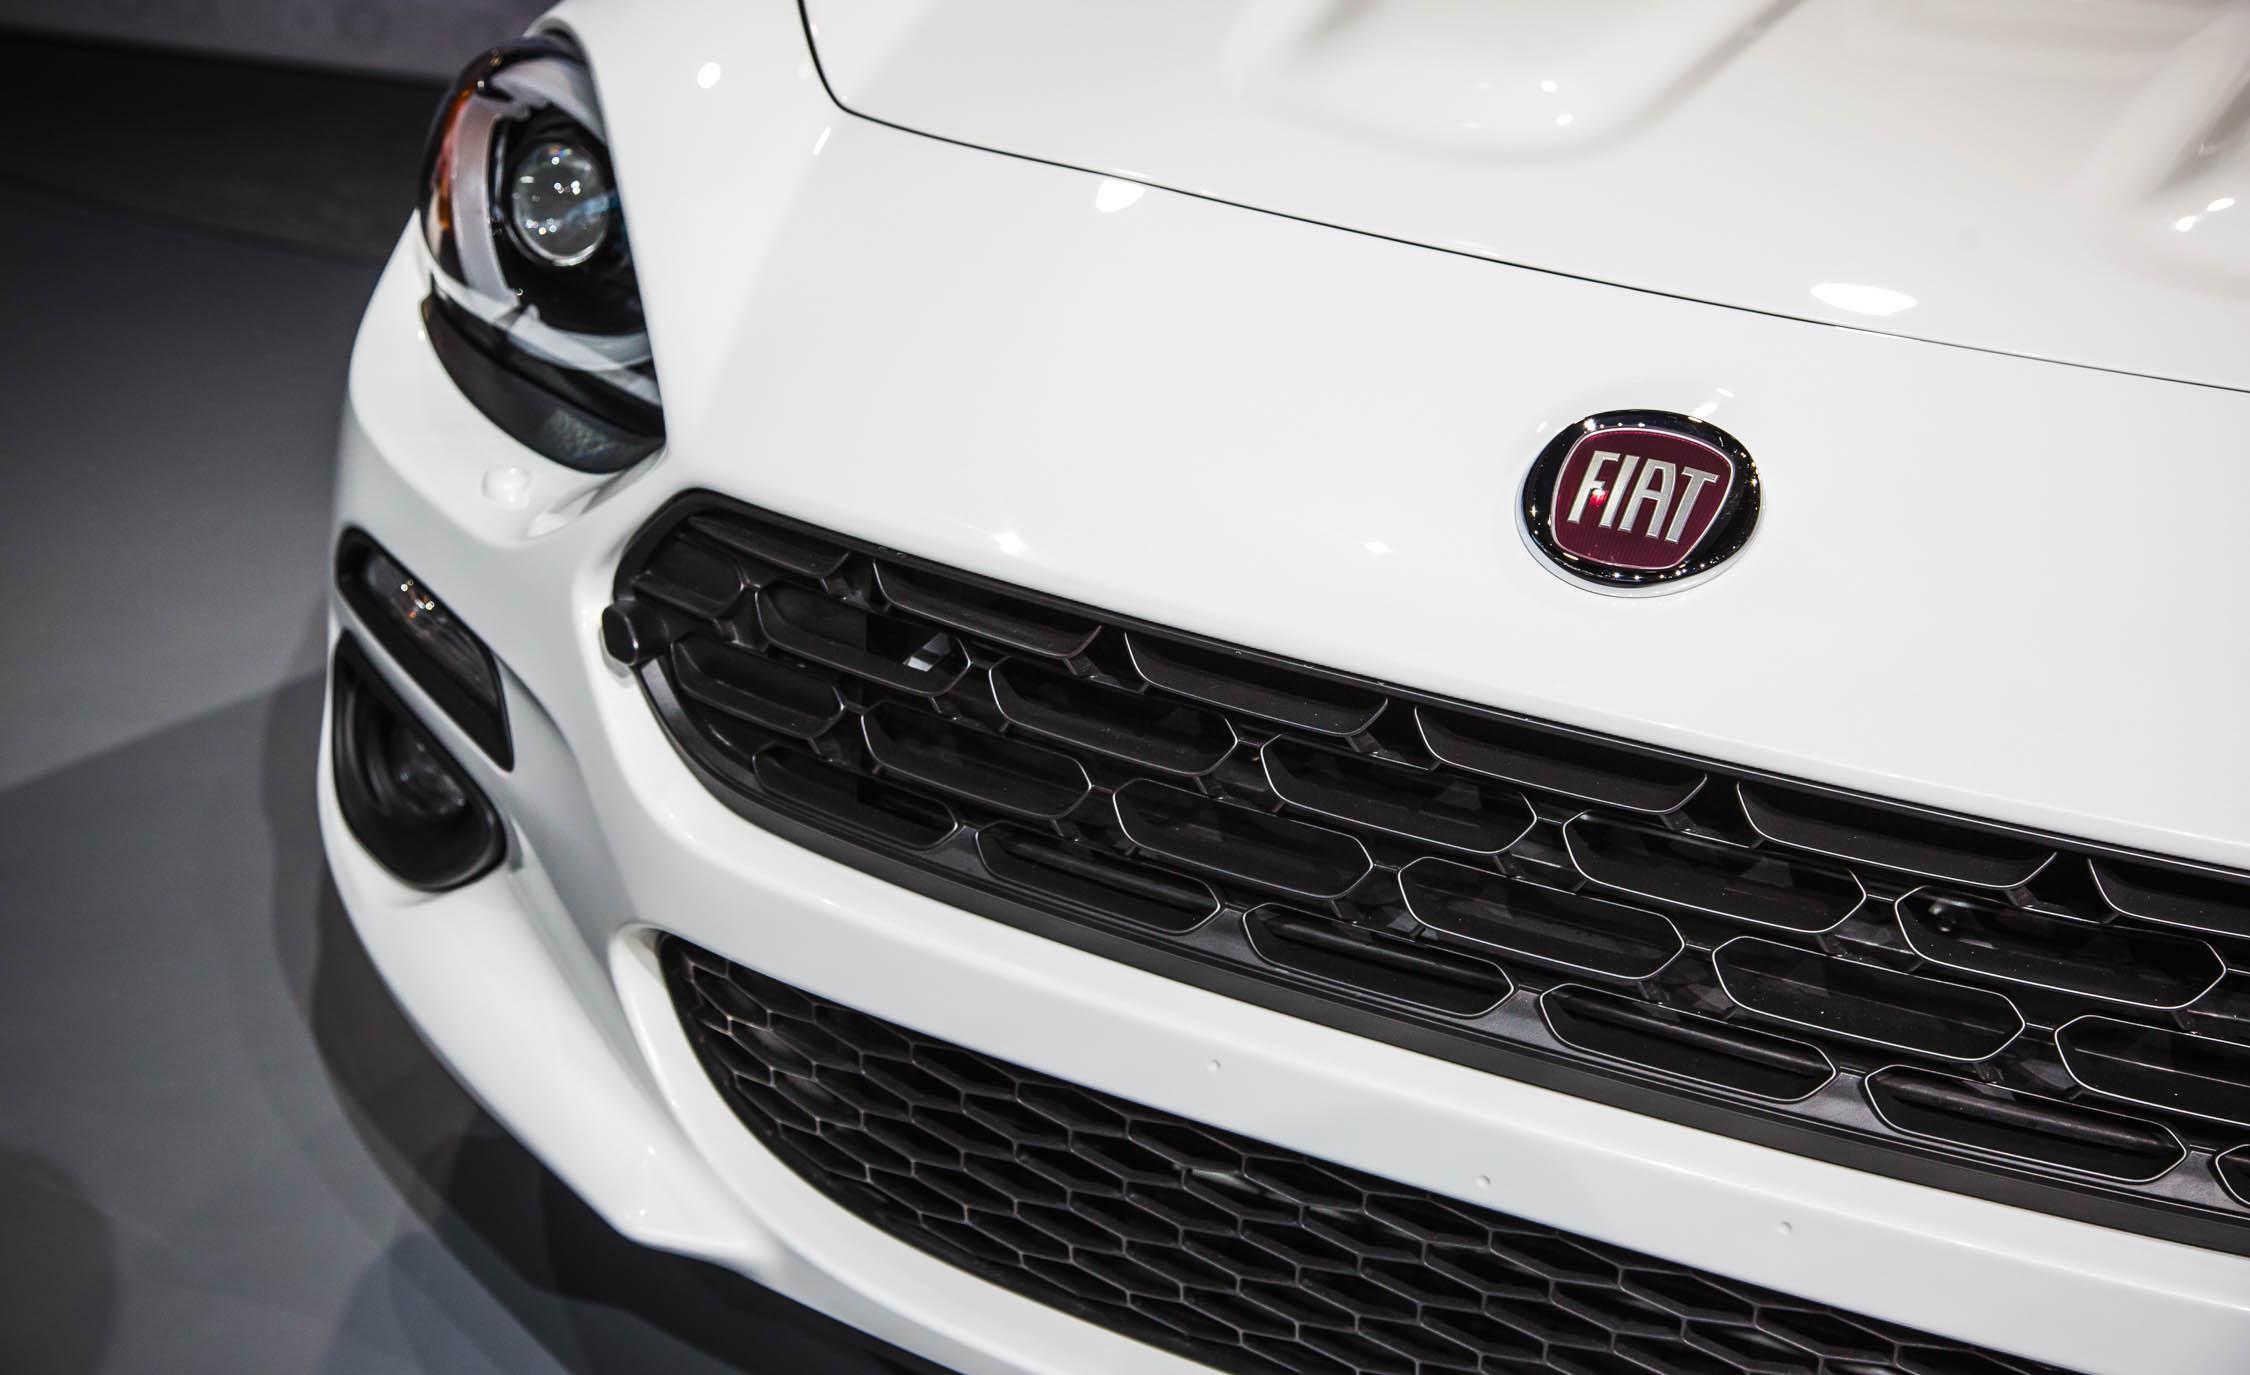 2017 Fiat 124 Spider Grille